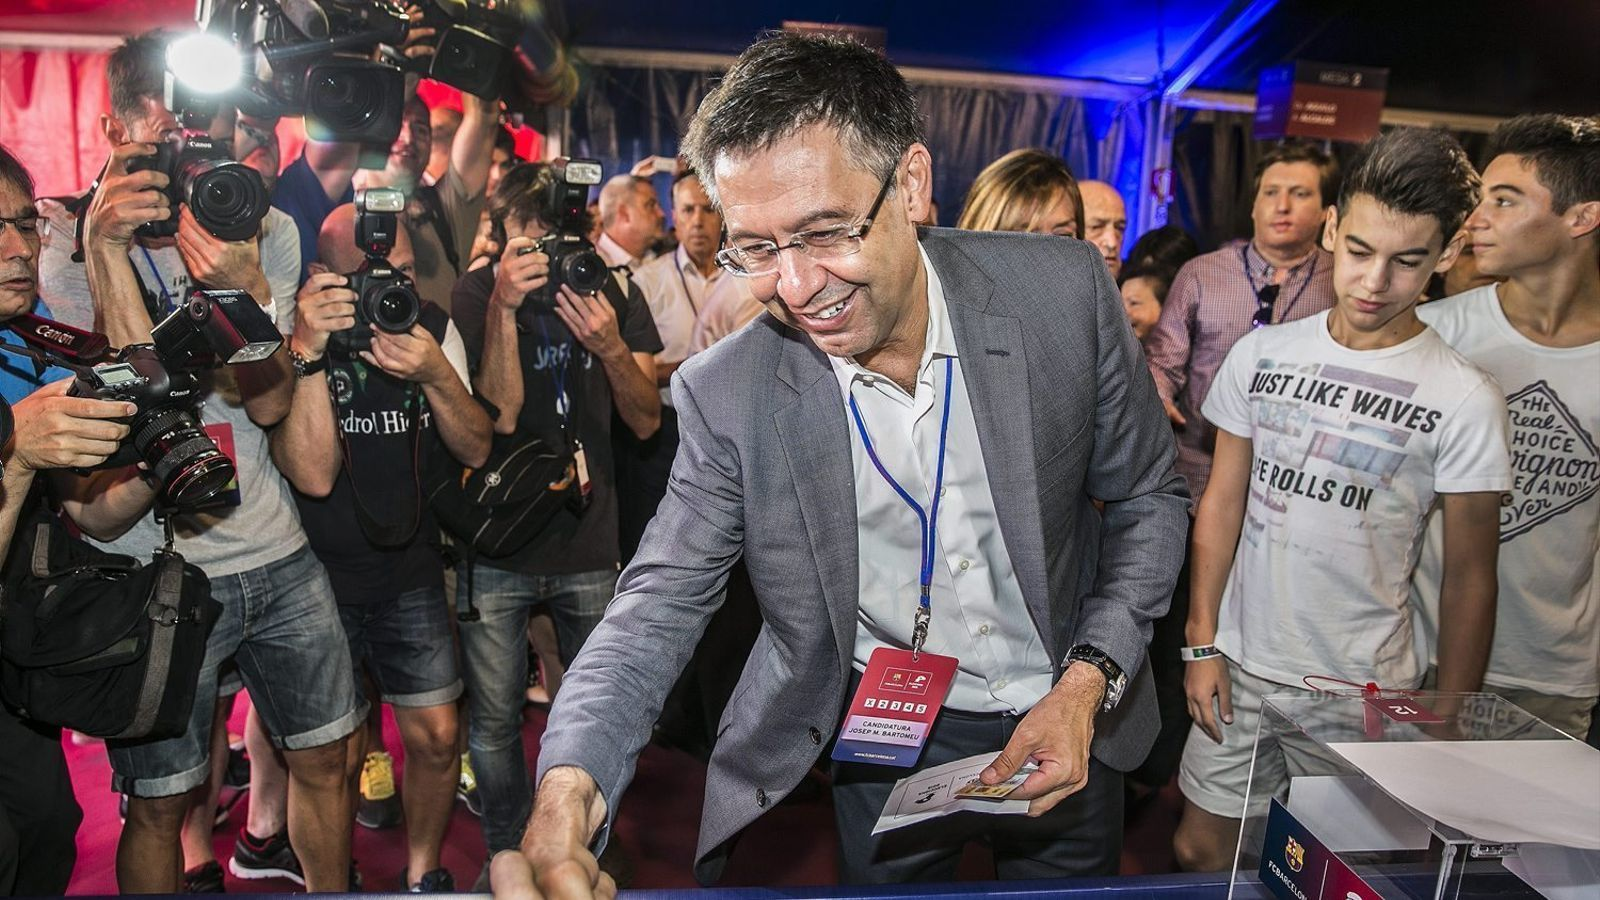 El Barça pressiona el Govern per ajornar el vot de censura